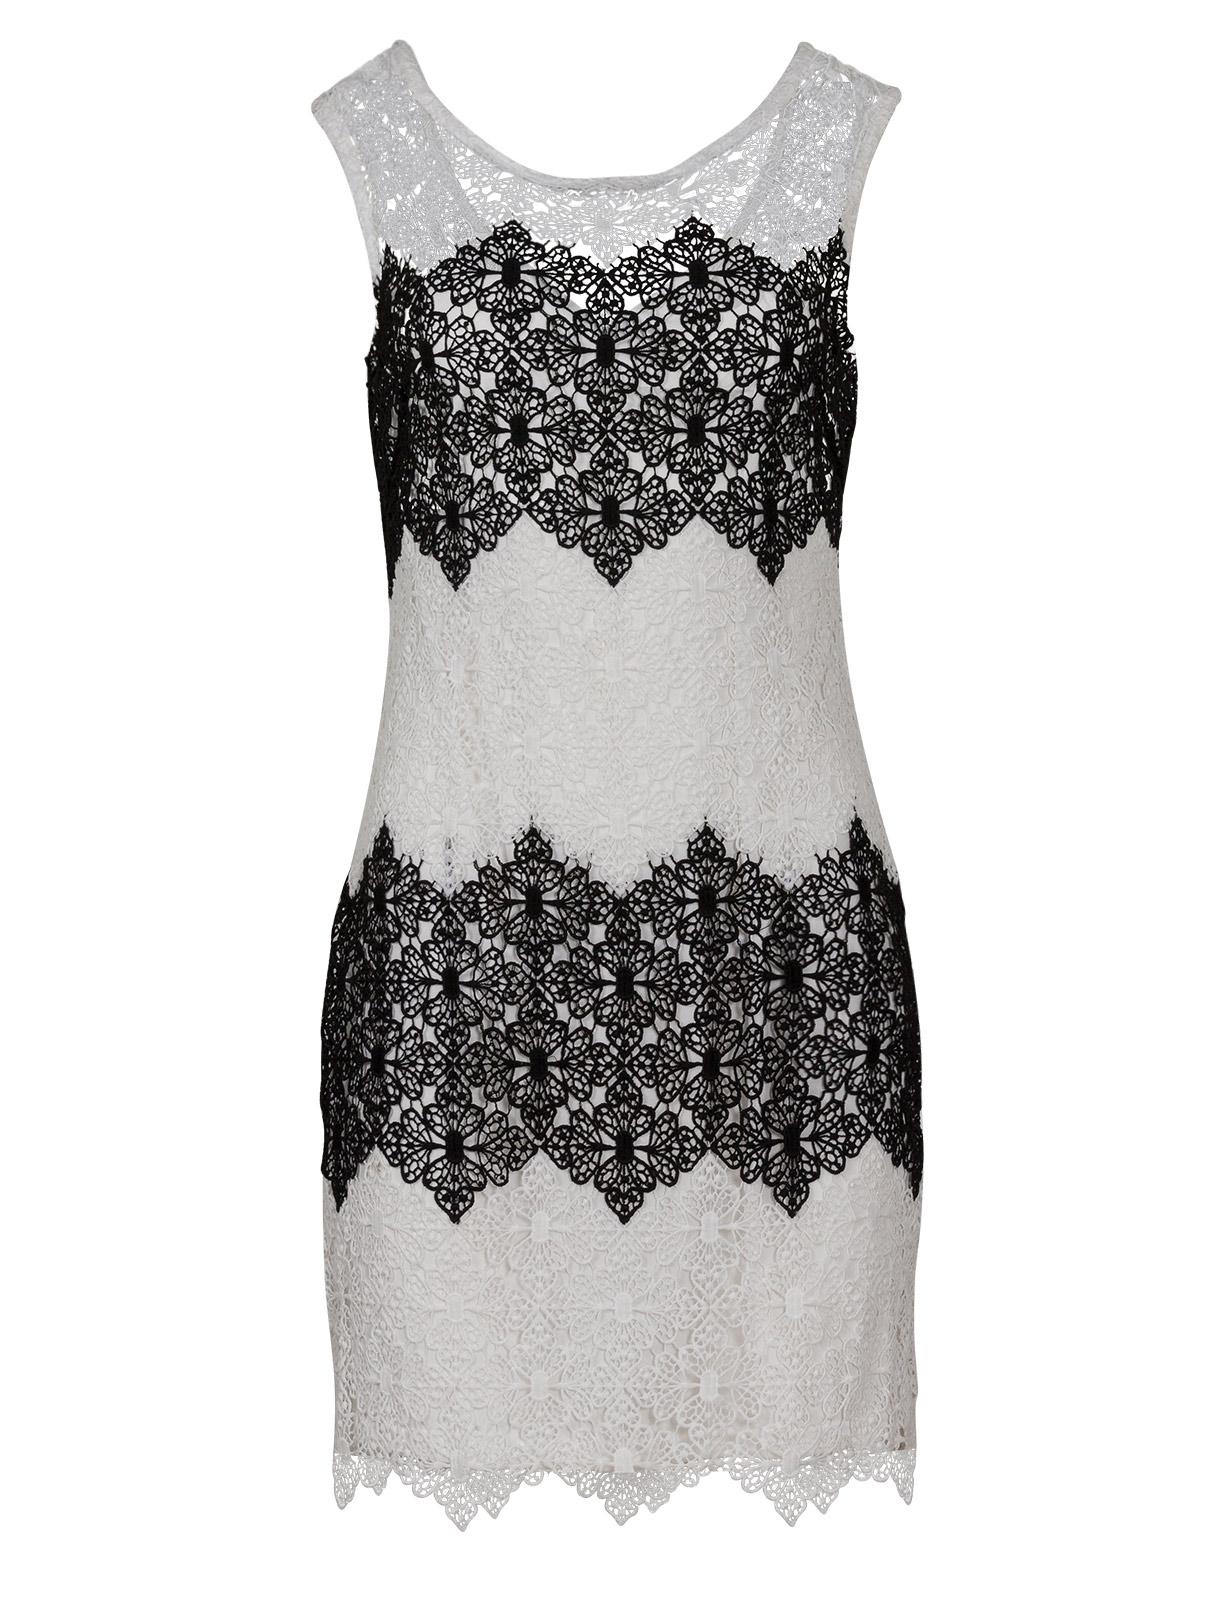 Crochet Ασπρόμαυρο Φόρεμα γυναικεία   φορέματα   mίνι   μίντι